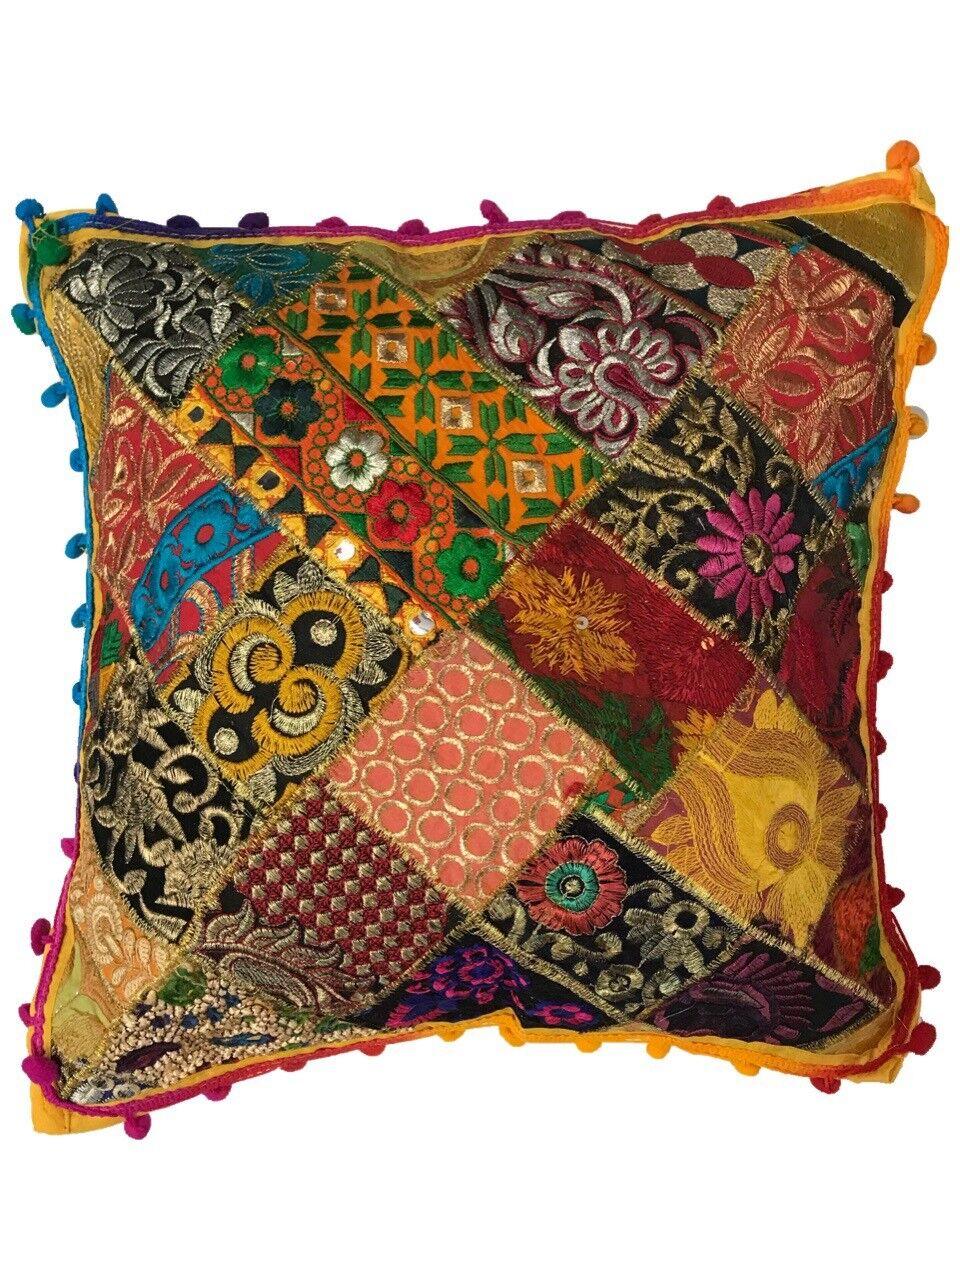 Cuscini Etnici Vendita.Indiano Patchwork Gujarati Mandala Sari Etnico Federe Per Cuscini